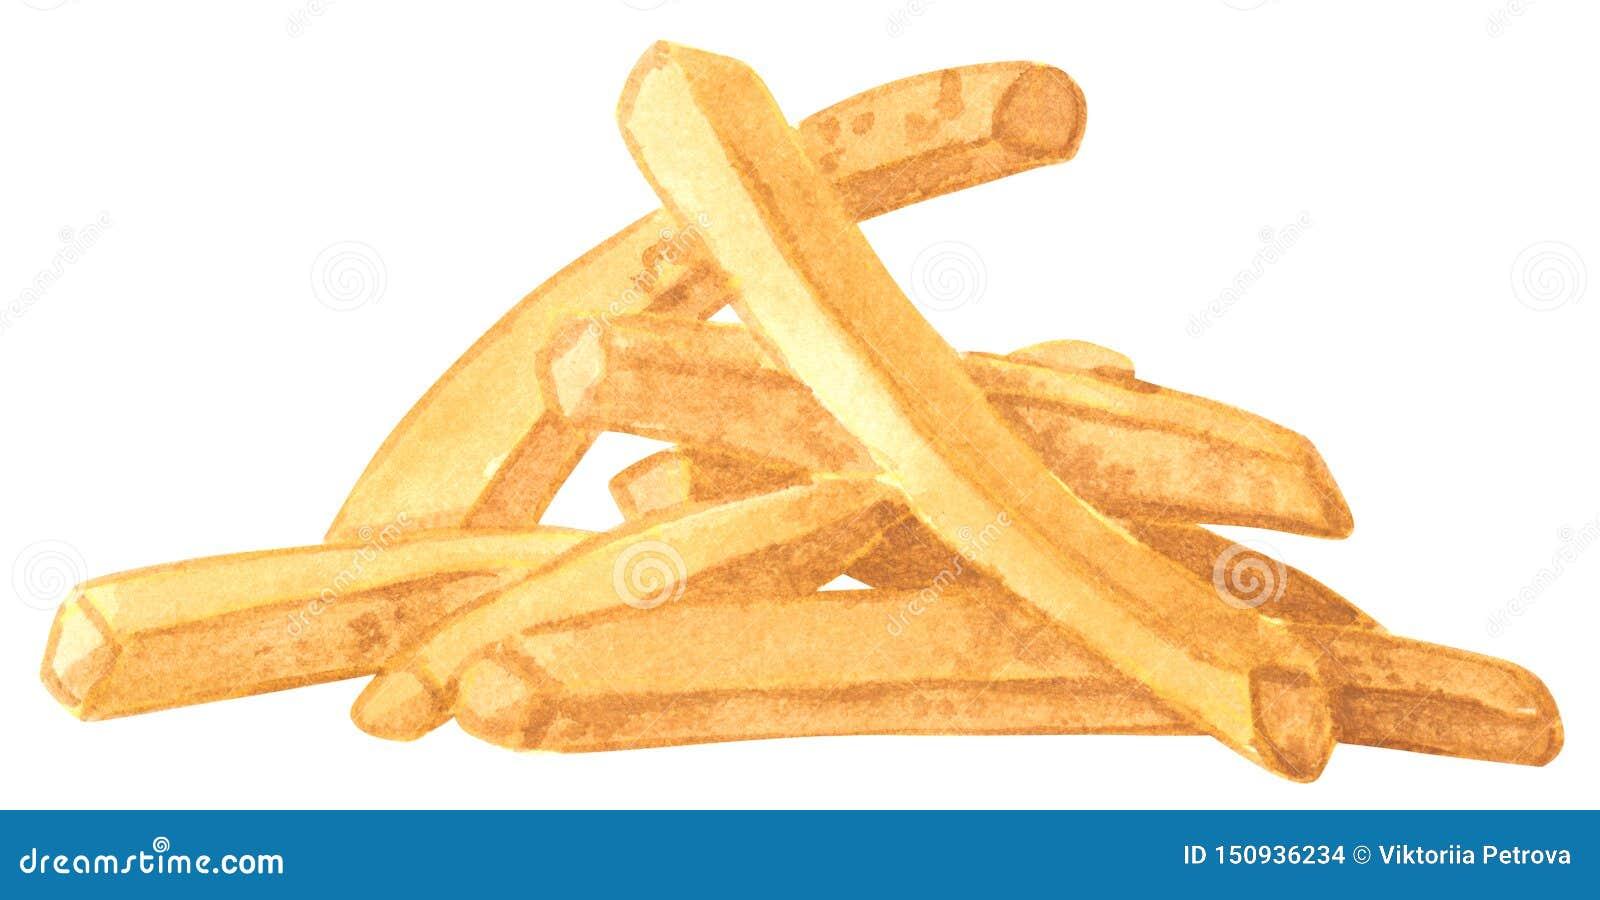 Comida rápida, patatas fritas, ejemplo exhausto de la acuarela de la mano